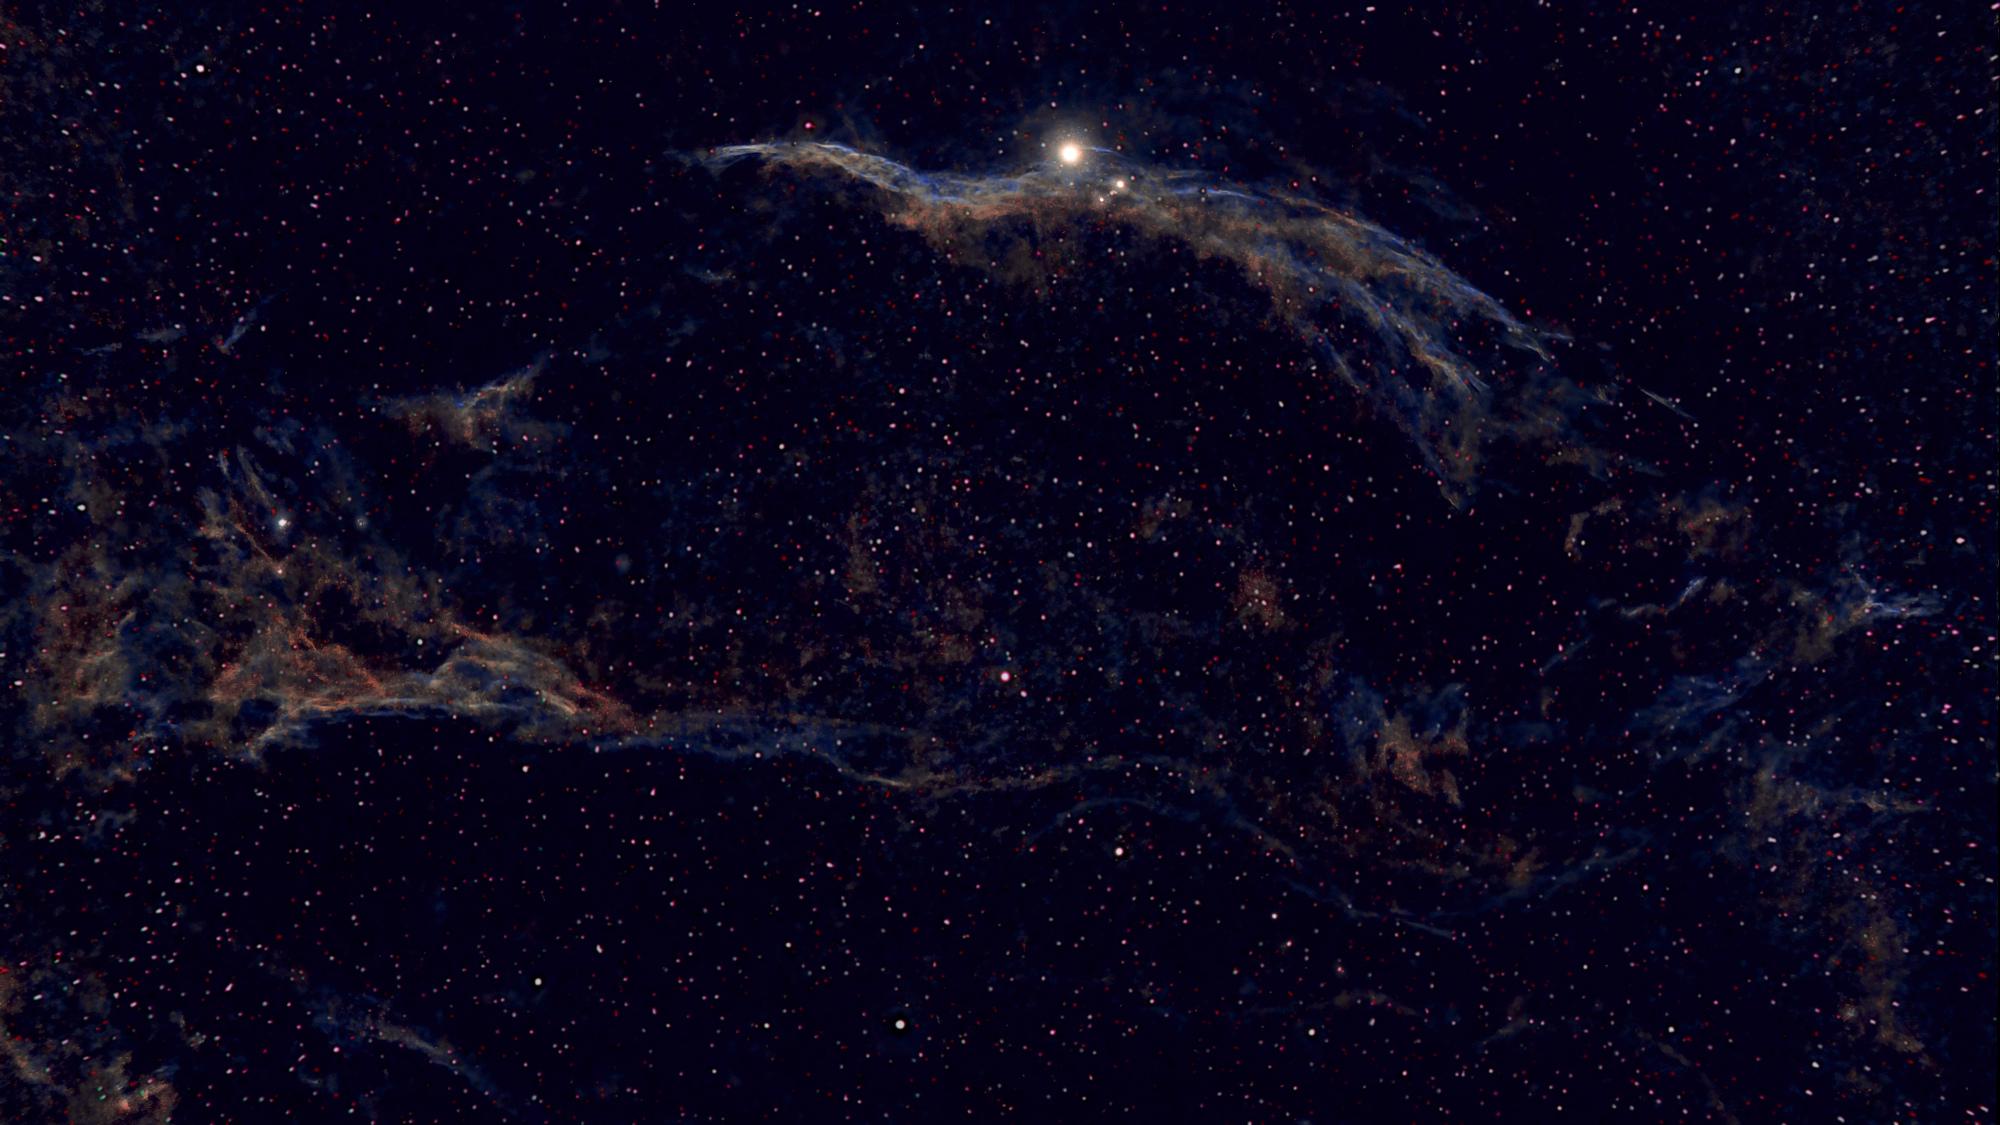 Petite_Dentelle_du_Cygne_NGC_6960_-_51x150s_ISO800_V4.2.jpg